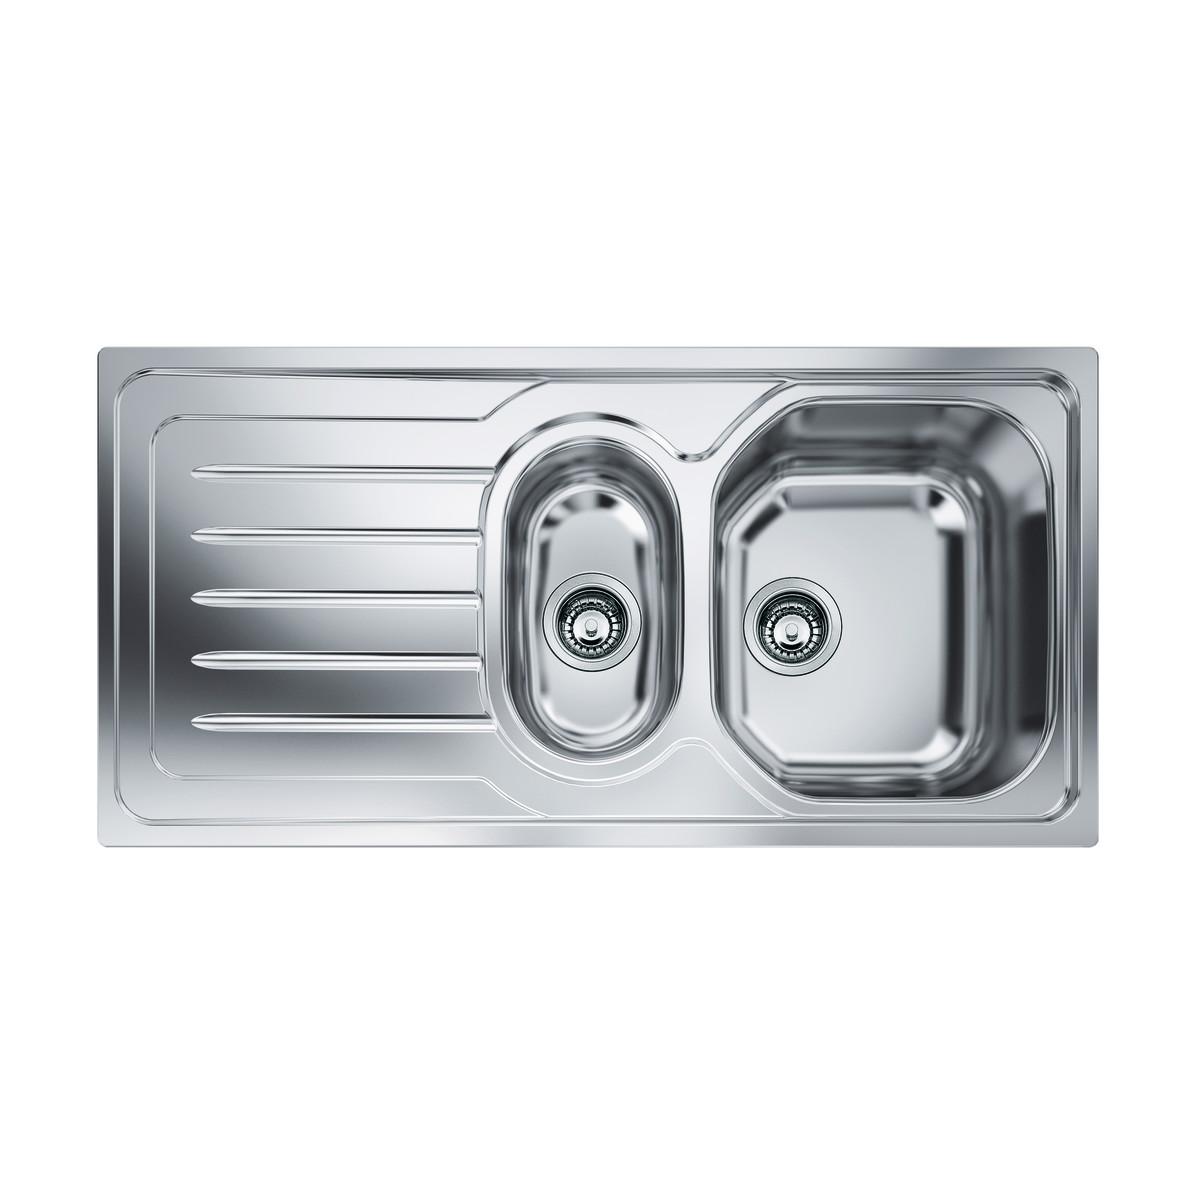 Lavello fragranite franke prezzi accessori cucina franke migliori prezzi franke mrx lavello cm - Lavelli cucina fragranite prezzi ...